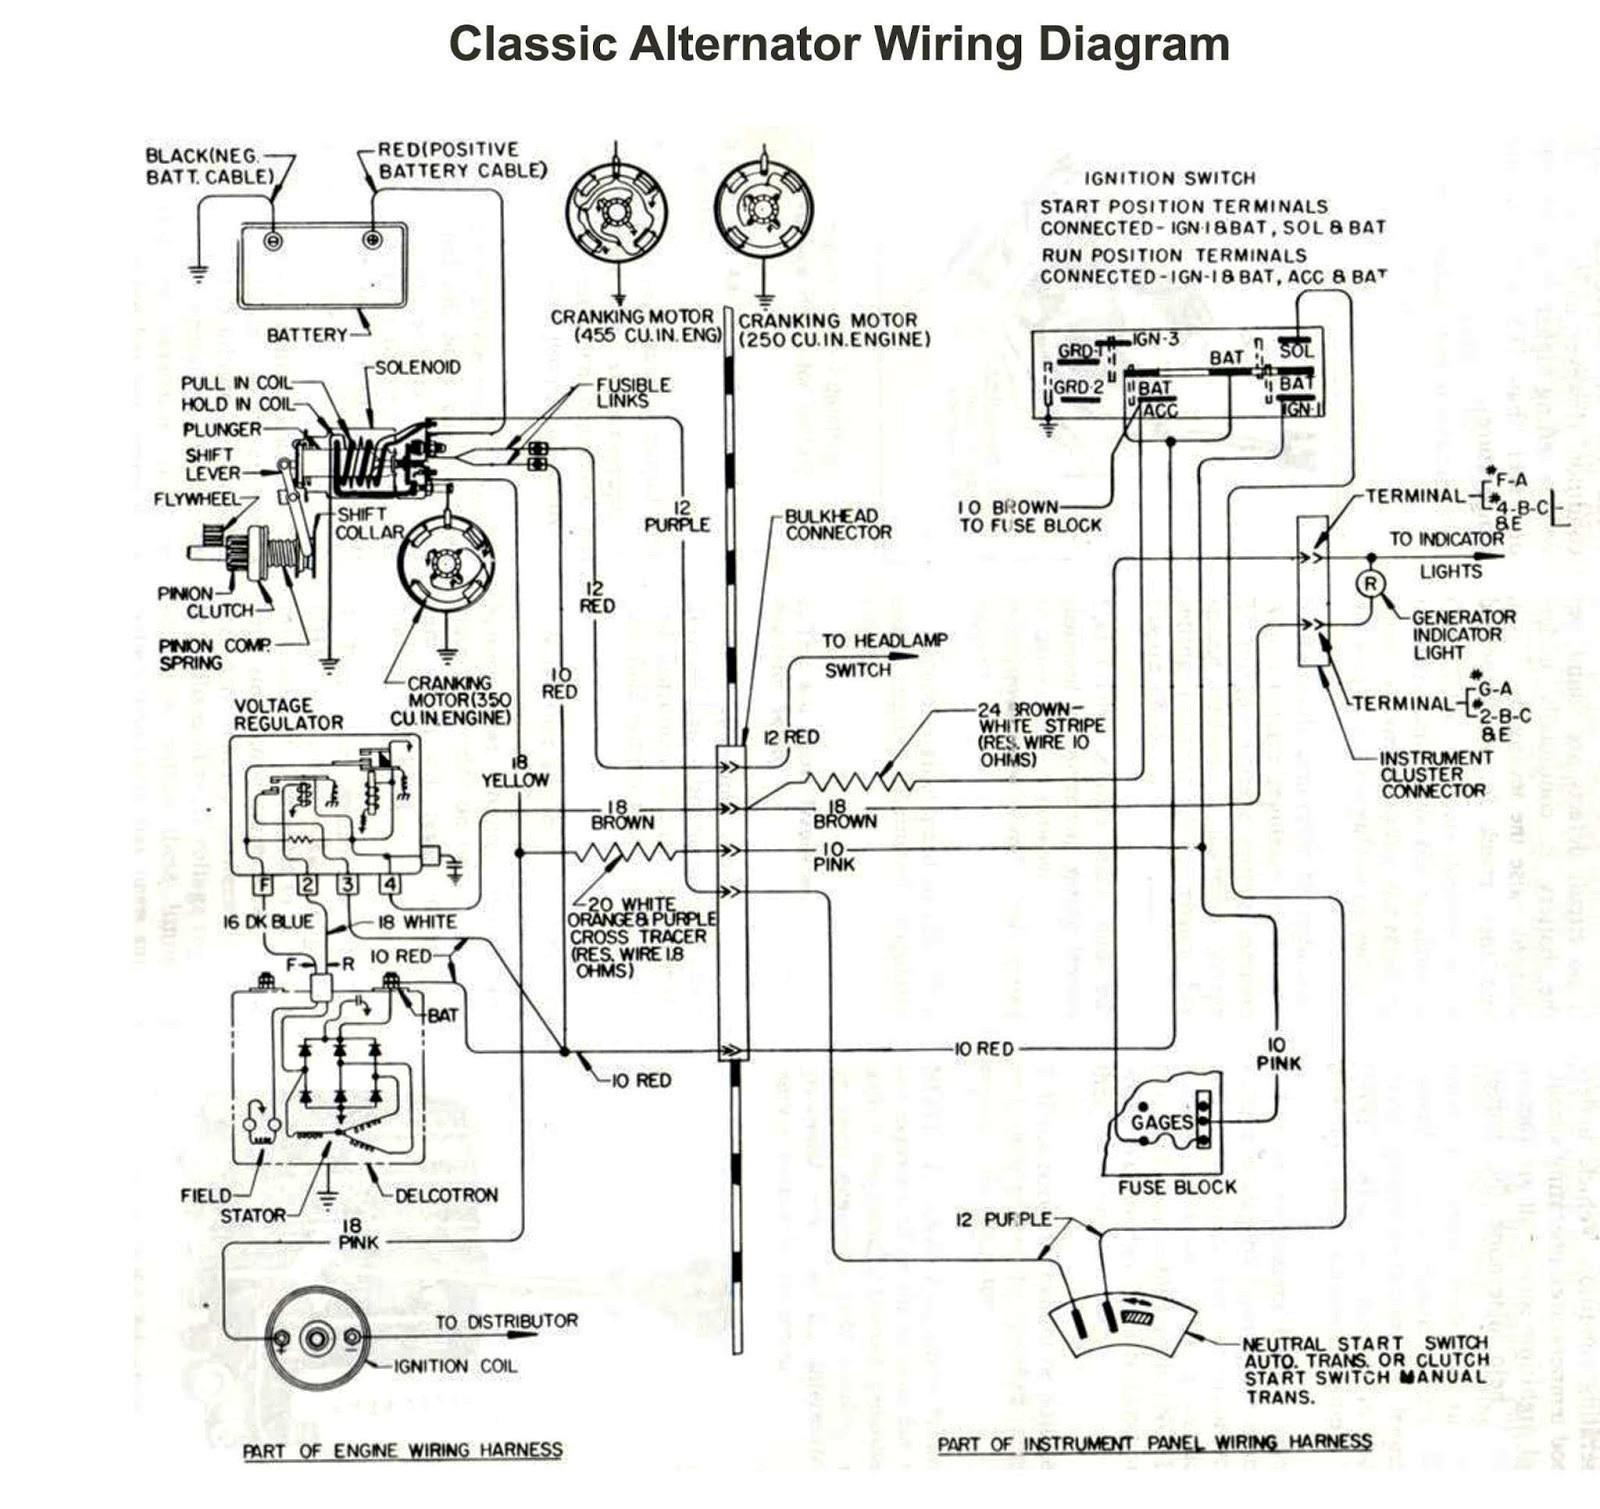 4 Wire Alternator Wiring Diagram Collection